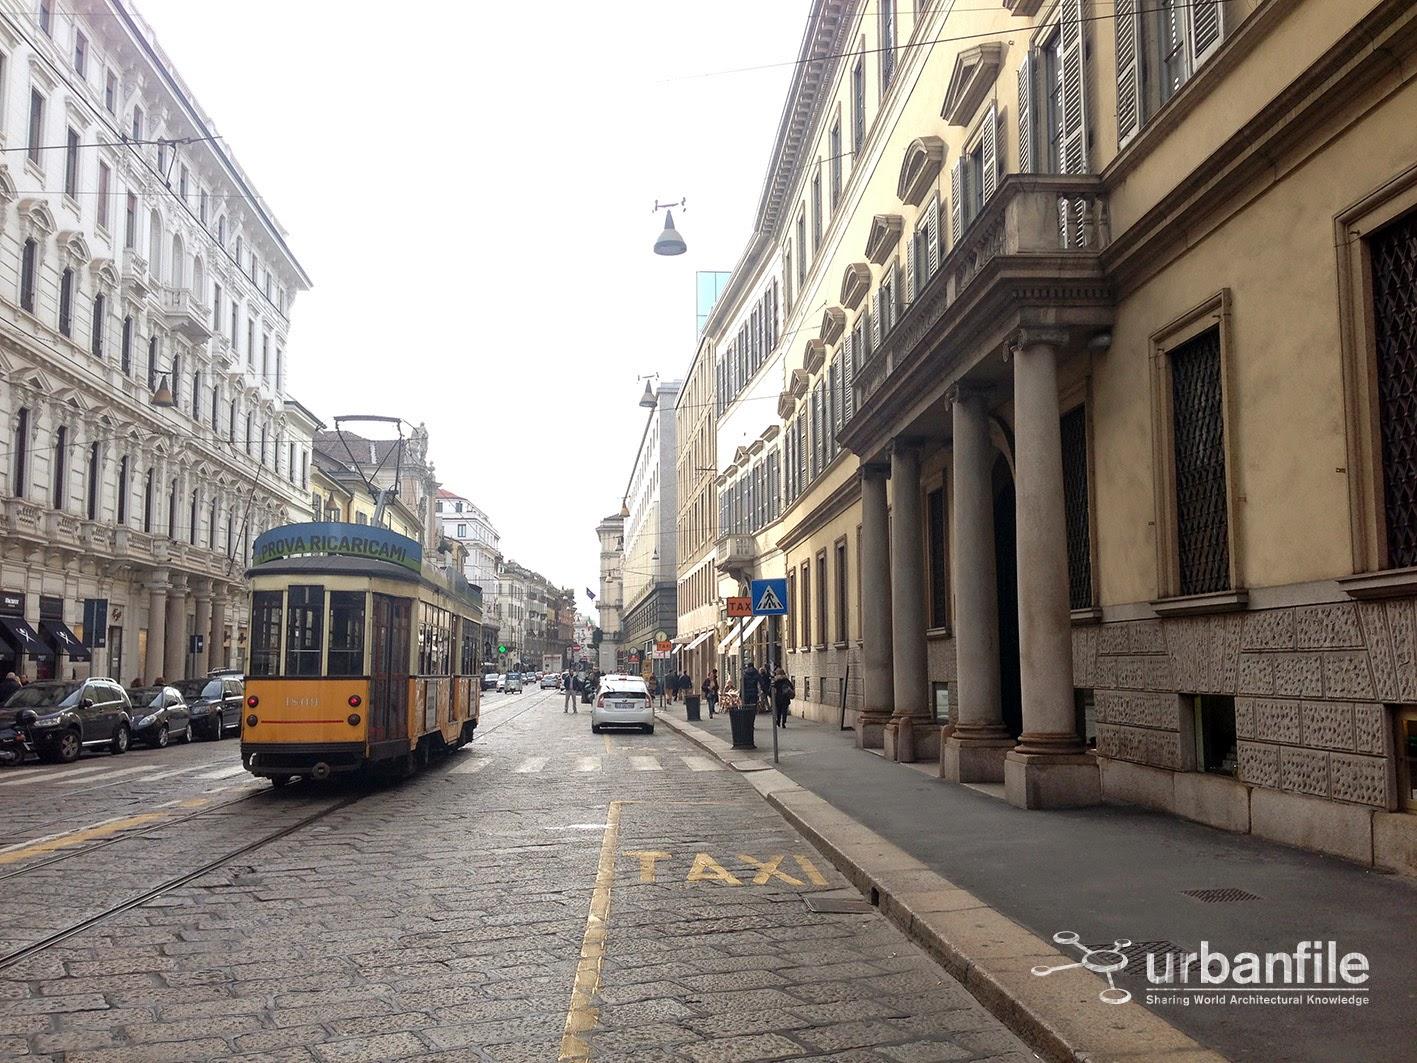 Milano porta nuova via manzoni e l 39 arredo urbano for Arredo in via cavaliere catania